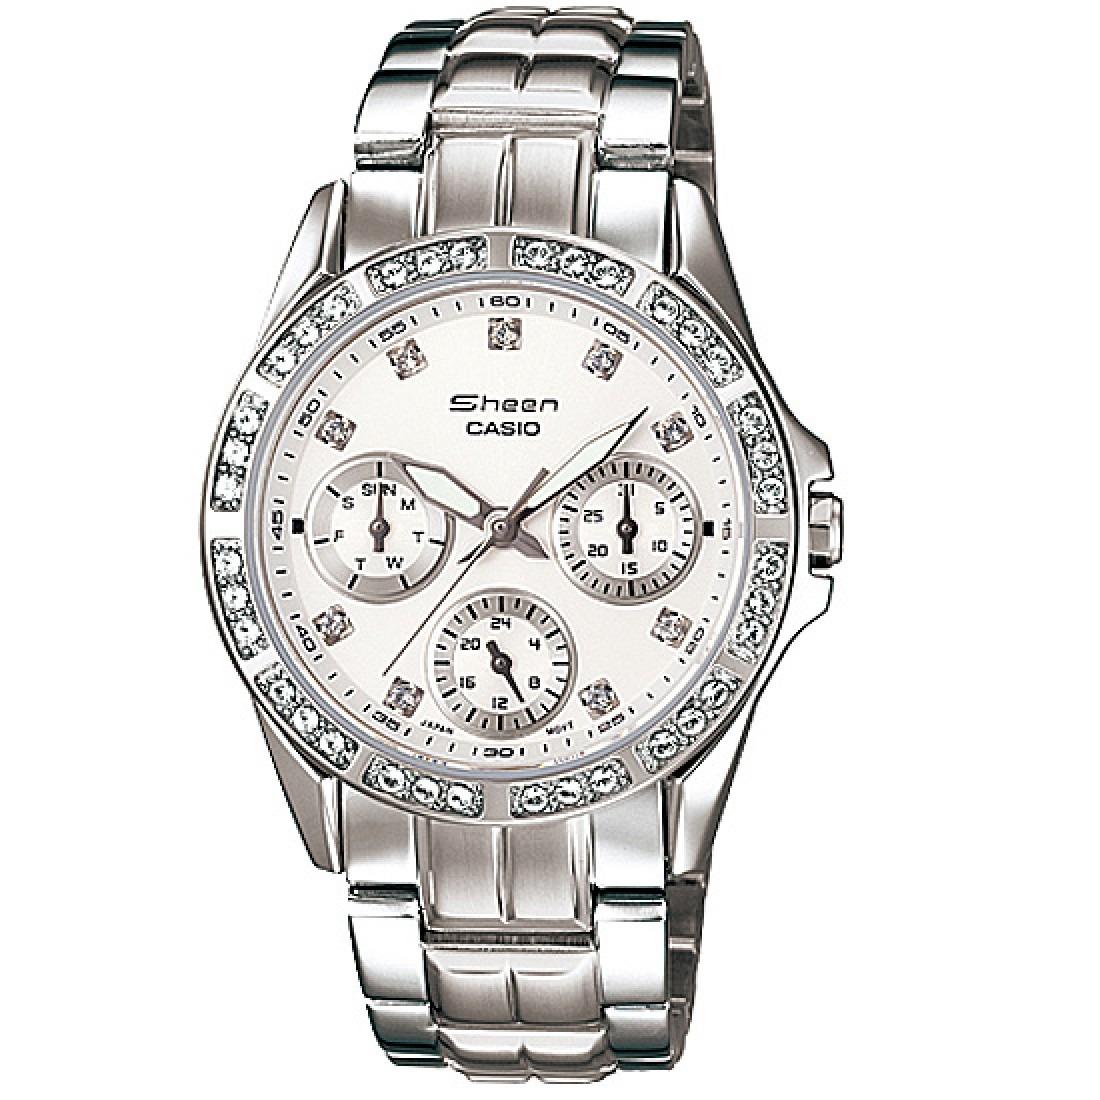 e1e050cefcdc reloj casio edifice mujer shn-3013d-7a envío internacional. Cargando zoom.